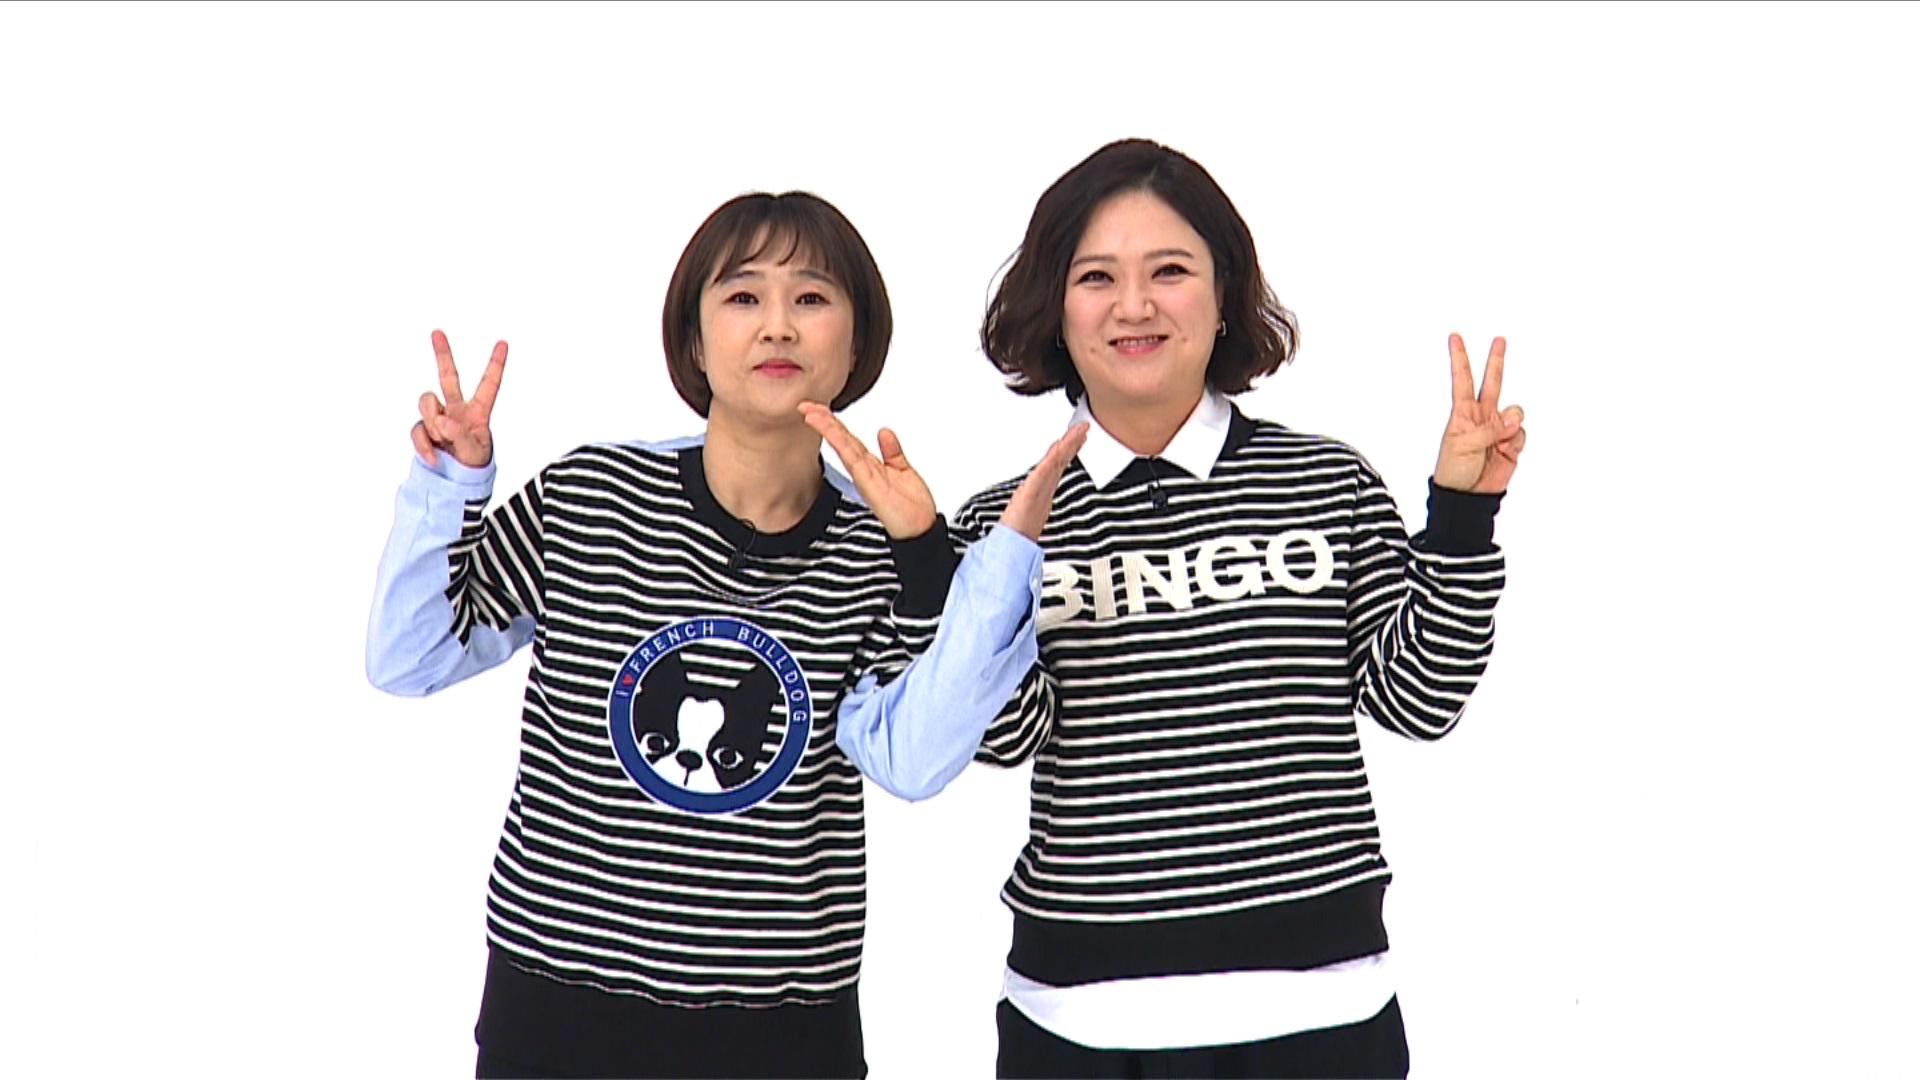 개가수 '더블V' 방송 데뷔! 송은이&김숙 '역대급 활약'